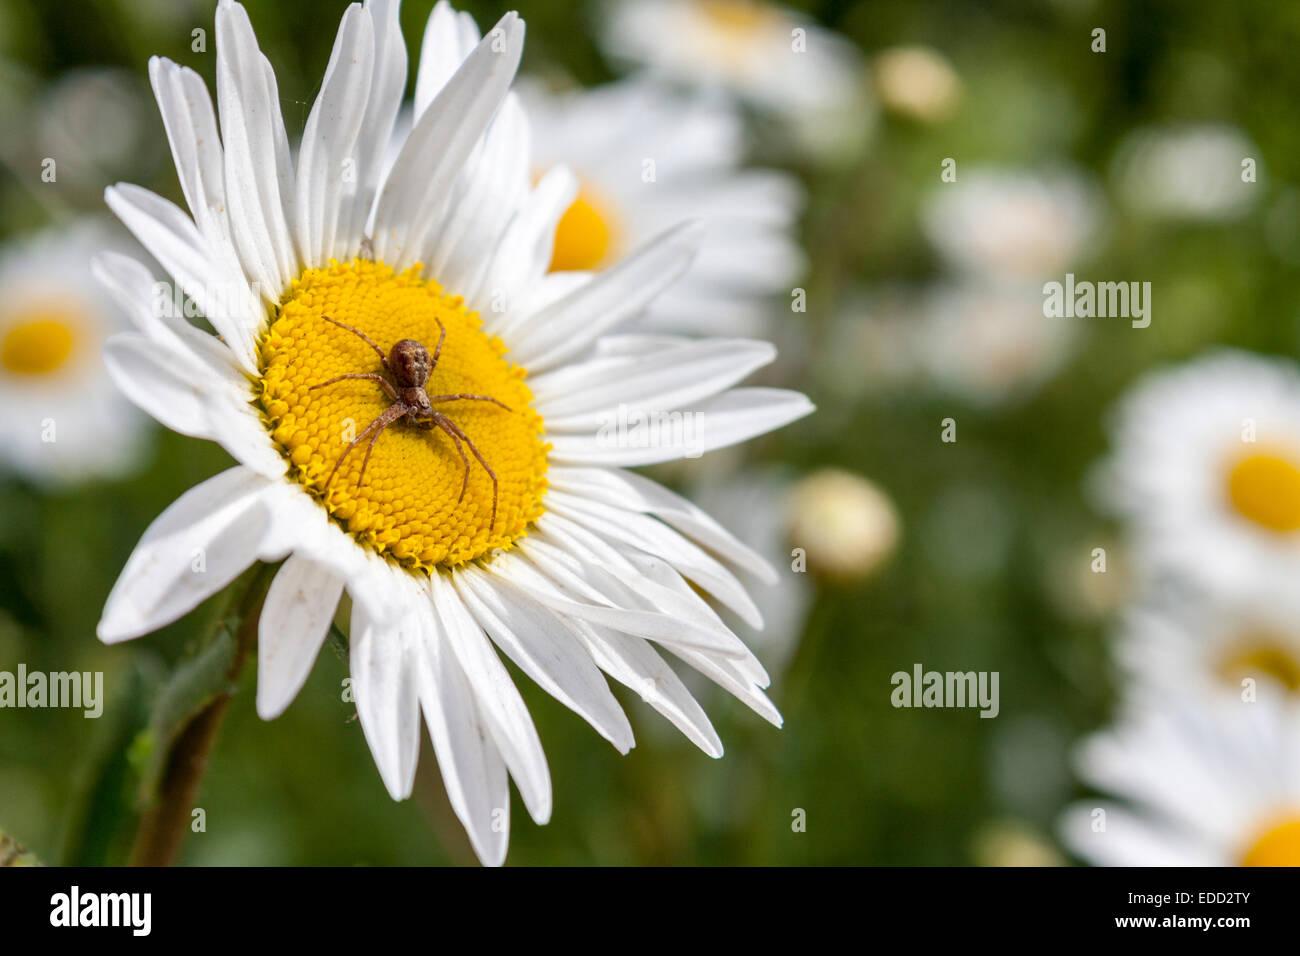 european-garden-spider-araneus-diadematu